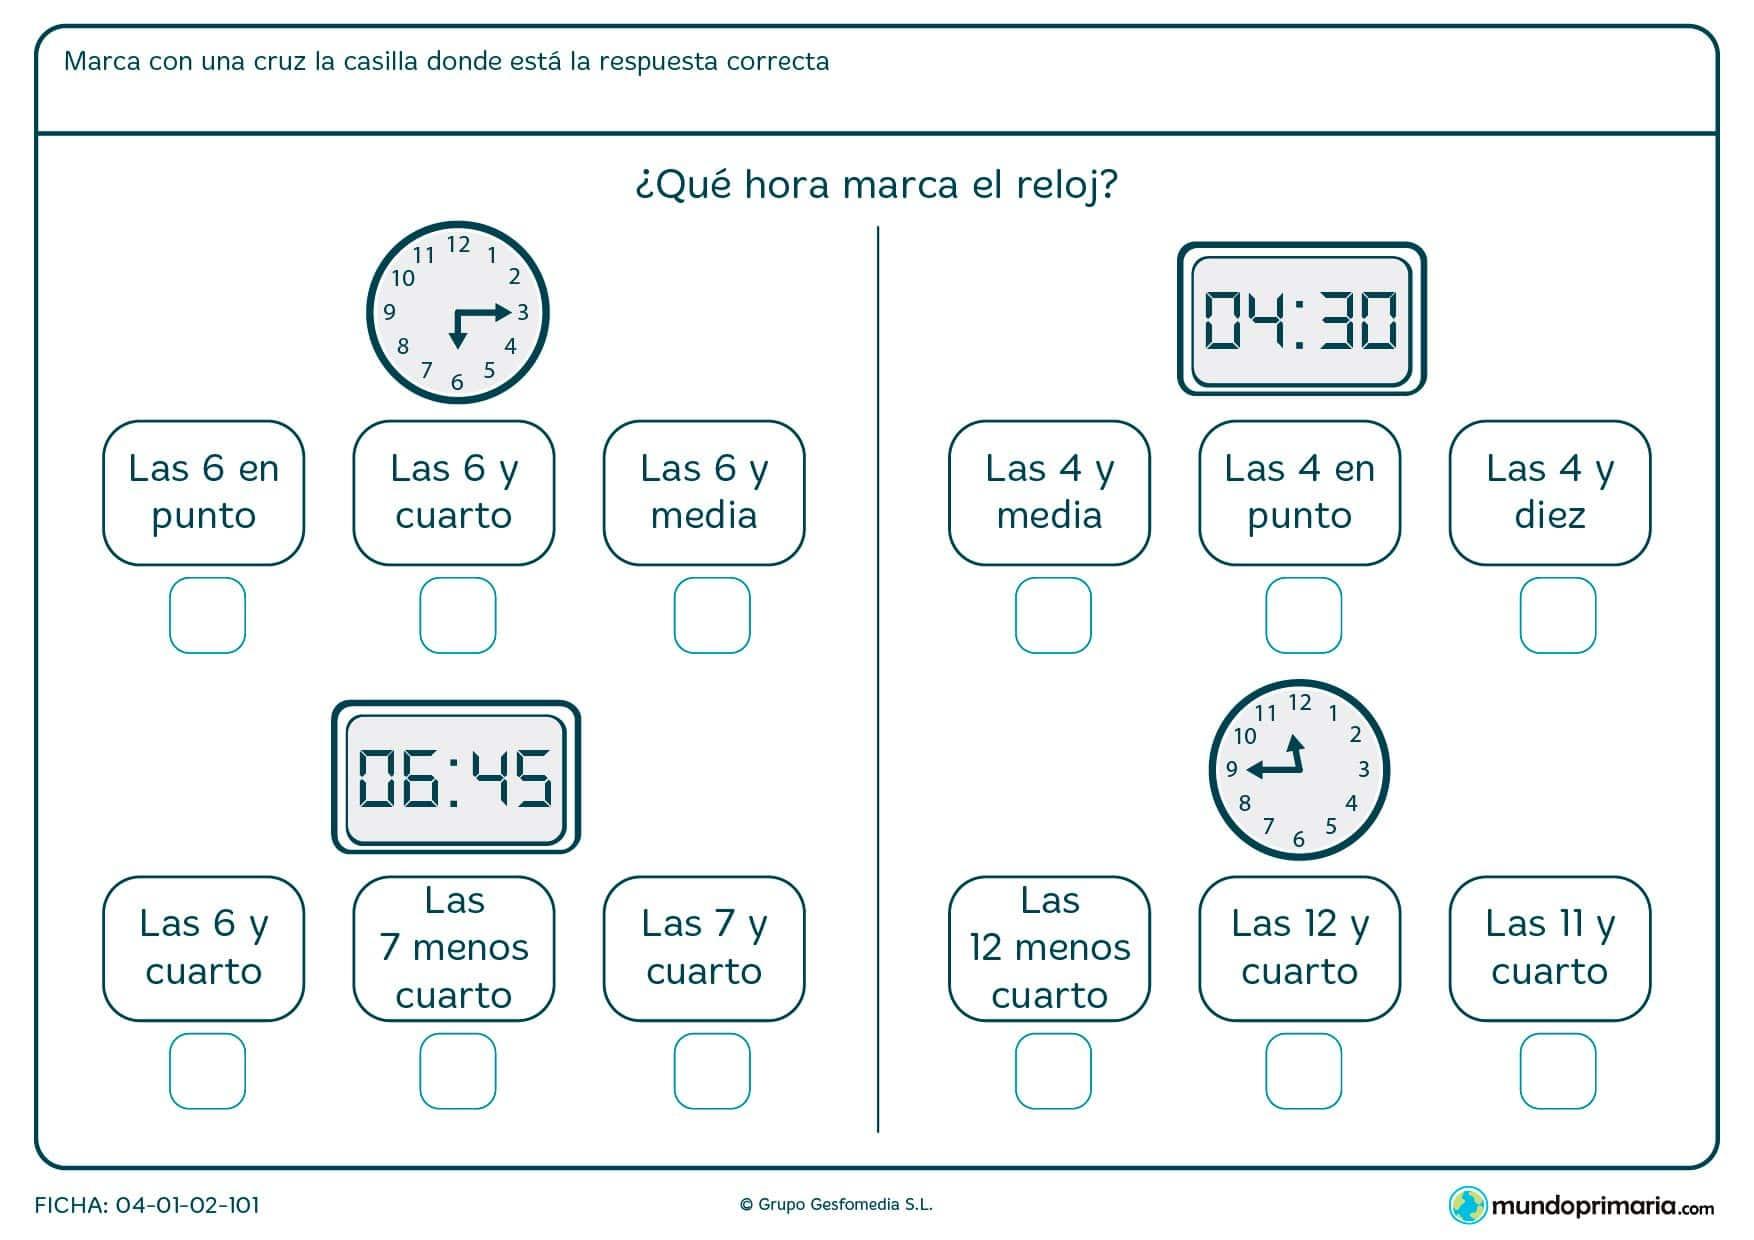 Ficha de hora en digital y analógico. Pon la x en la hora que se correponde con el reloj.